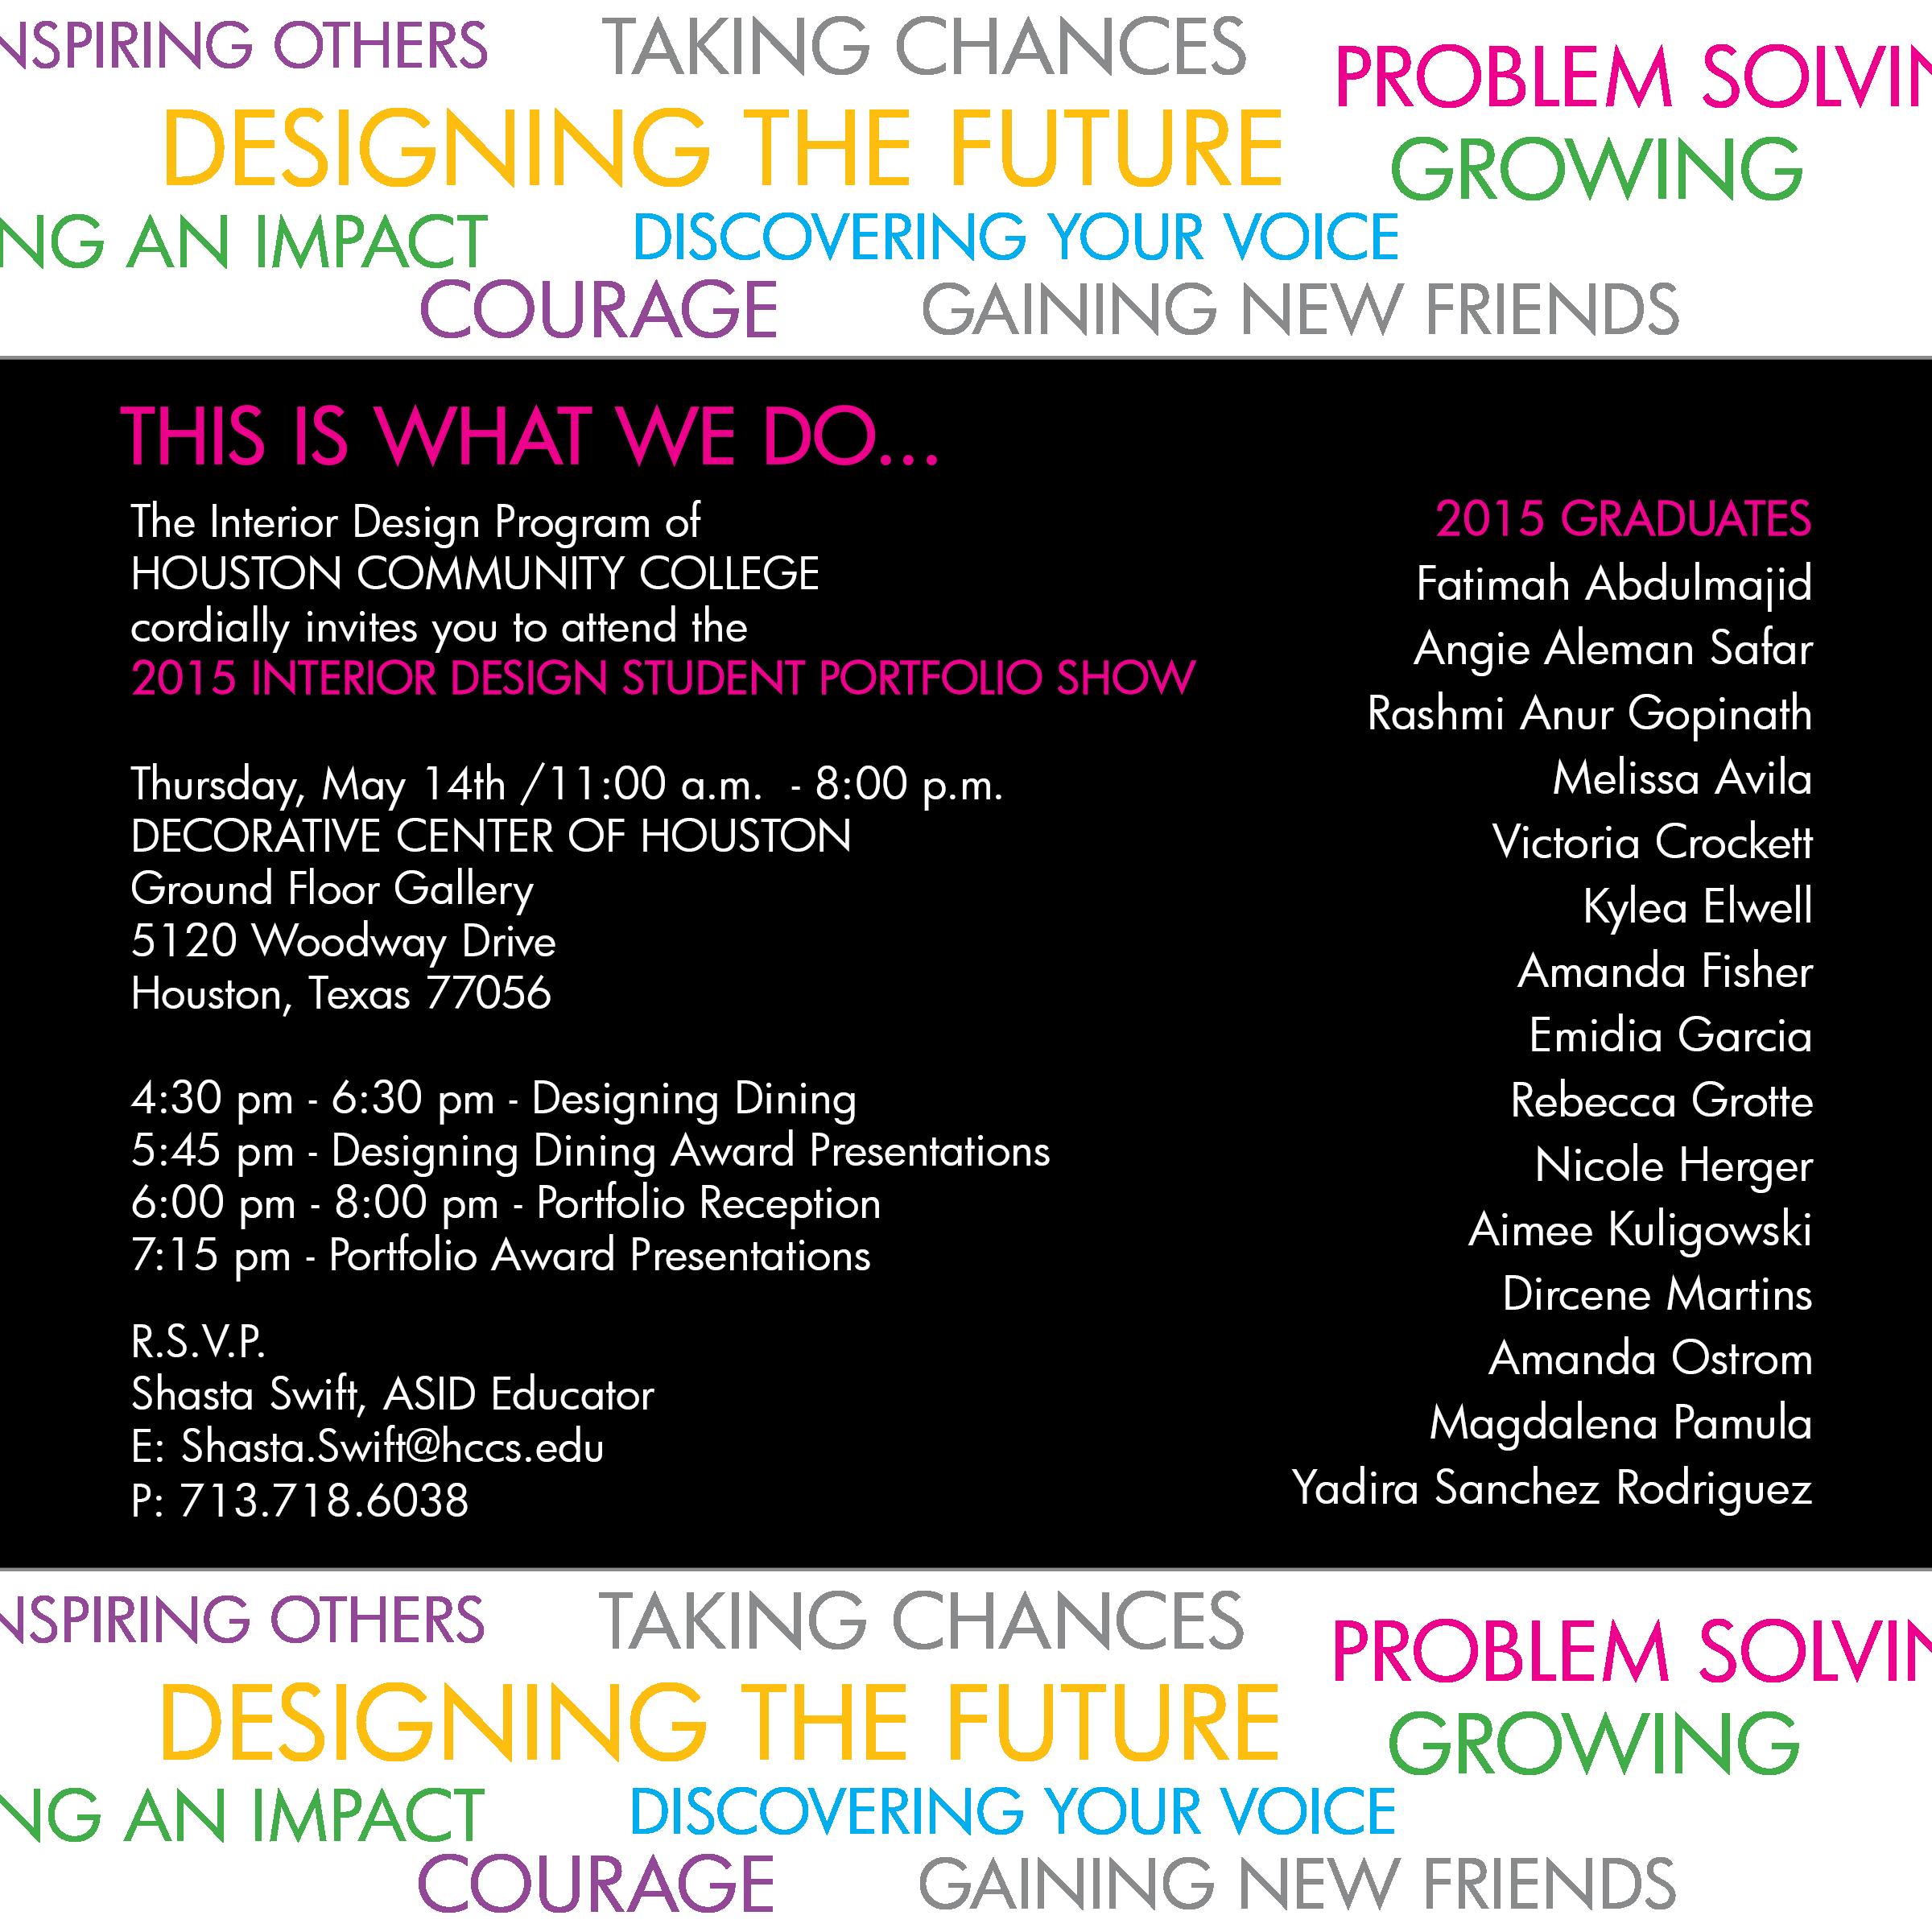 houston community college student portfolio show designing dining event